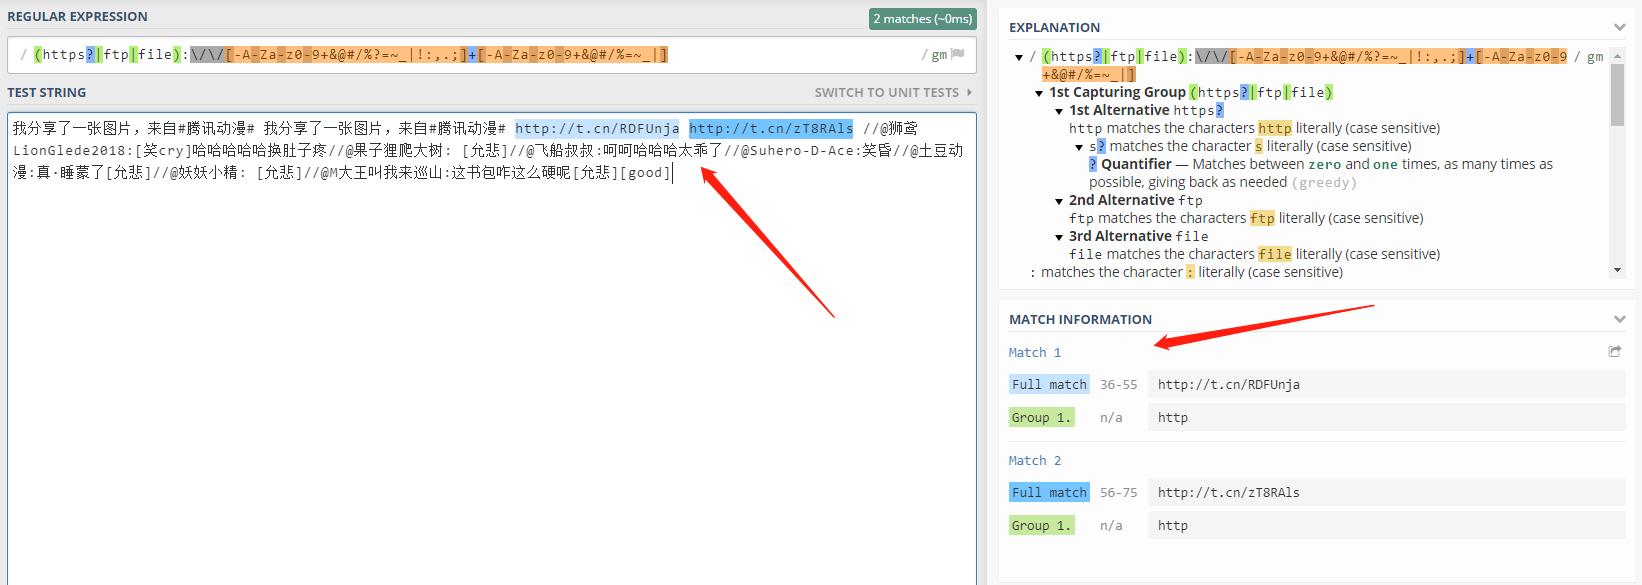 截图示例 - 抽取网址链接有 2 个匹配